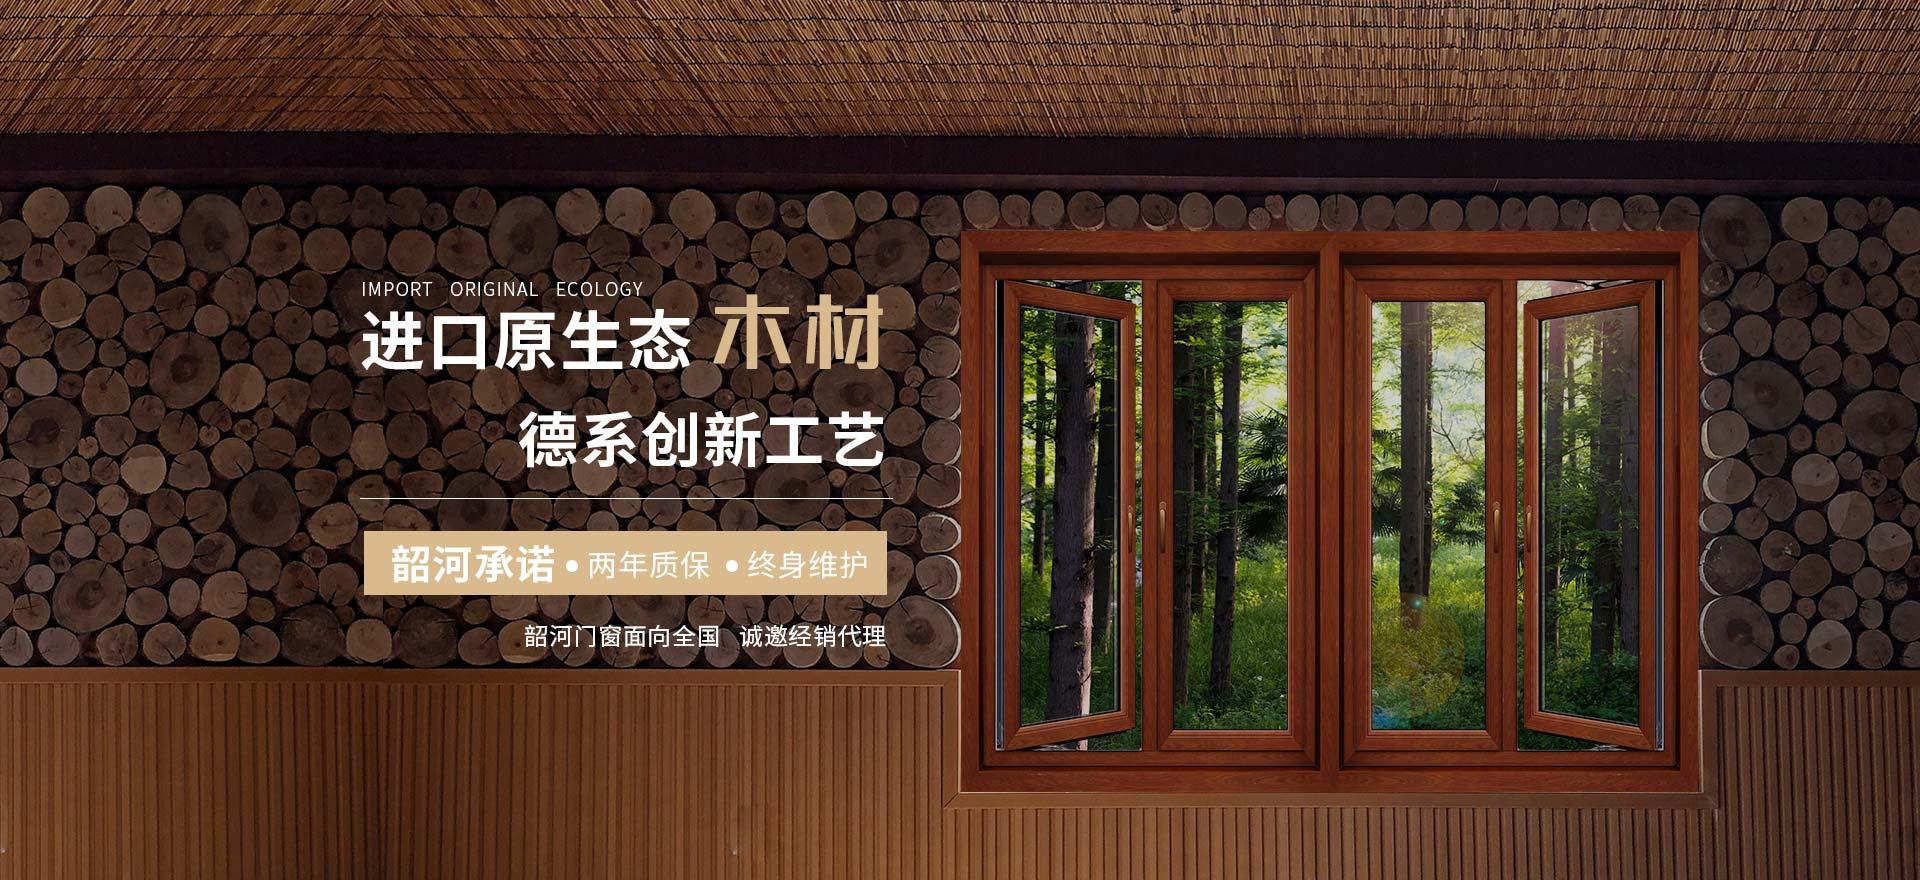 韶河门窗进口原生态木材与配件、德系创新工艺